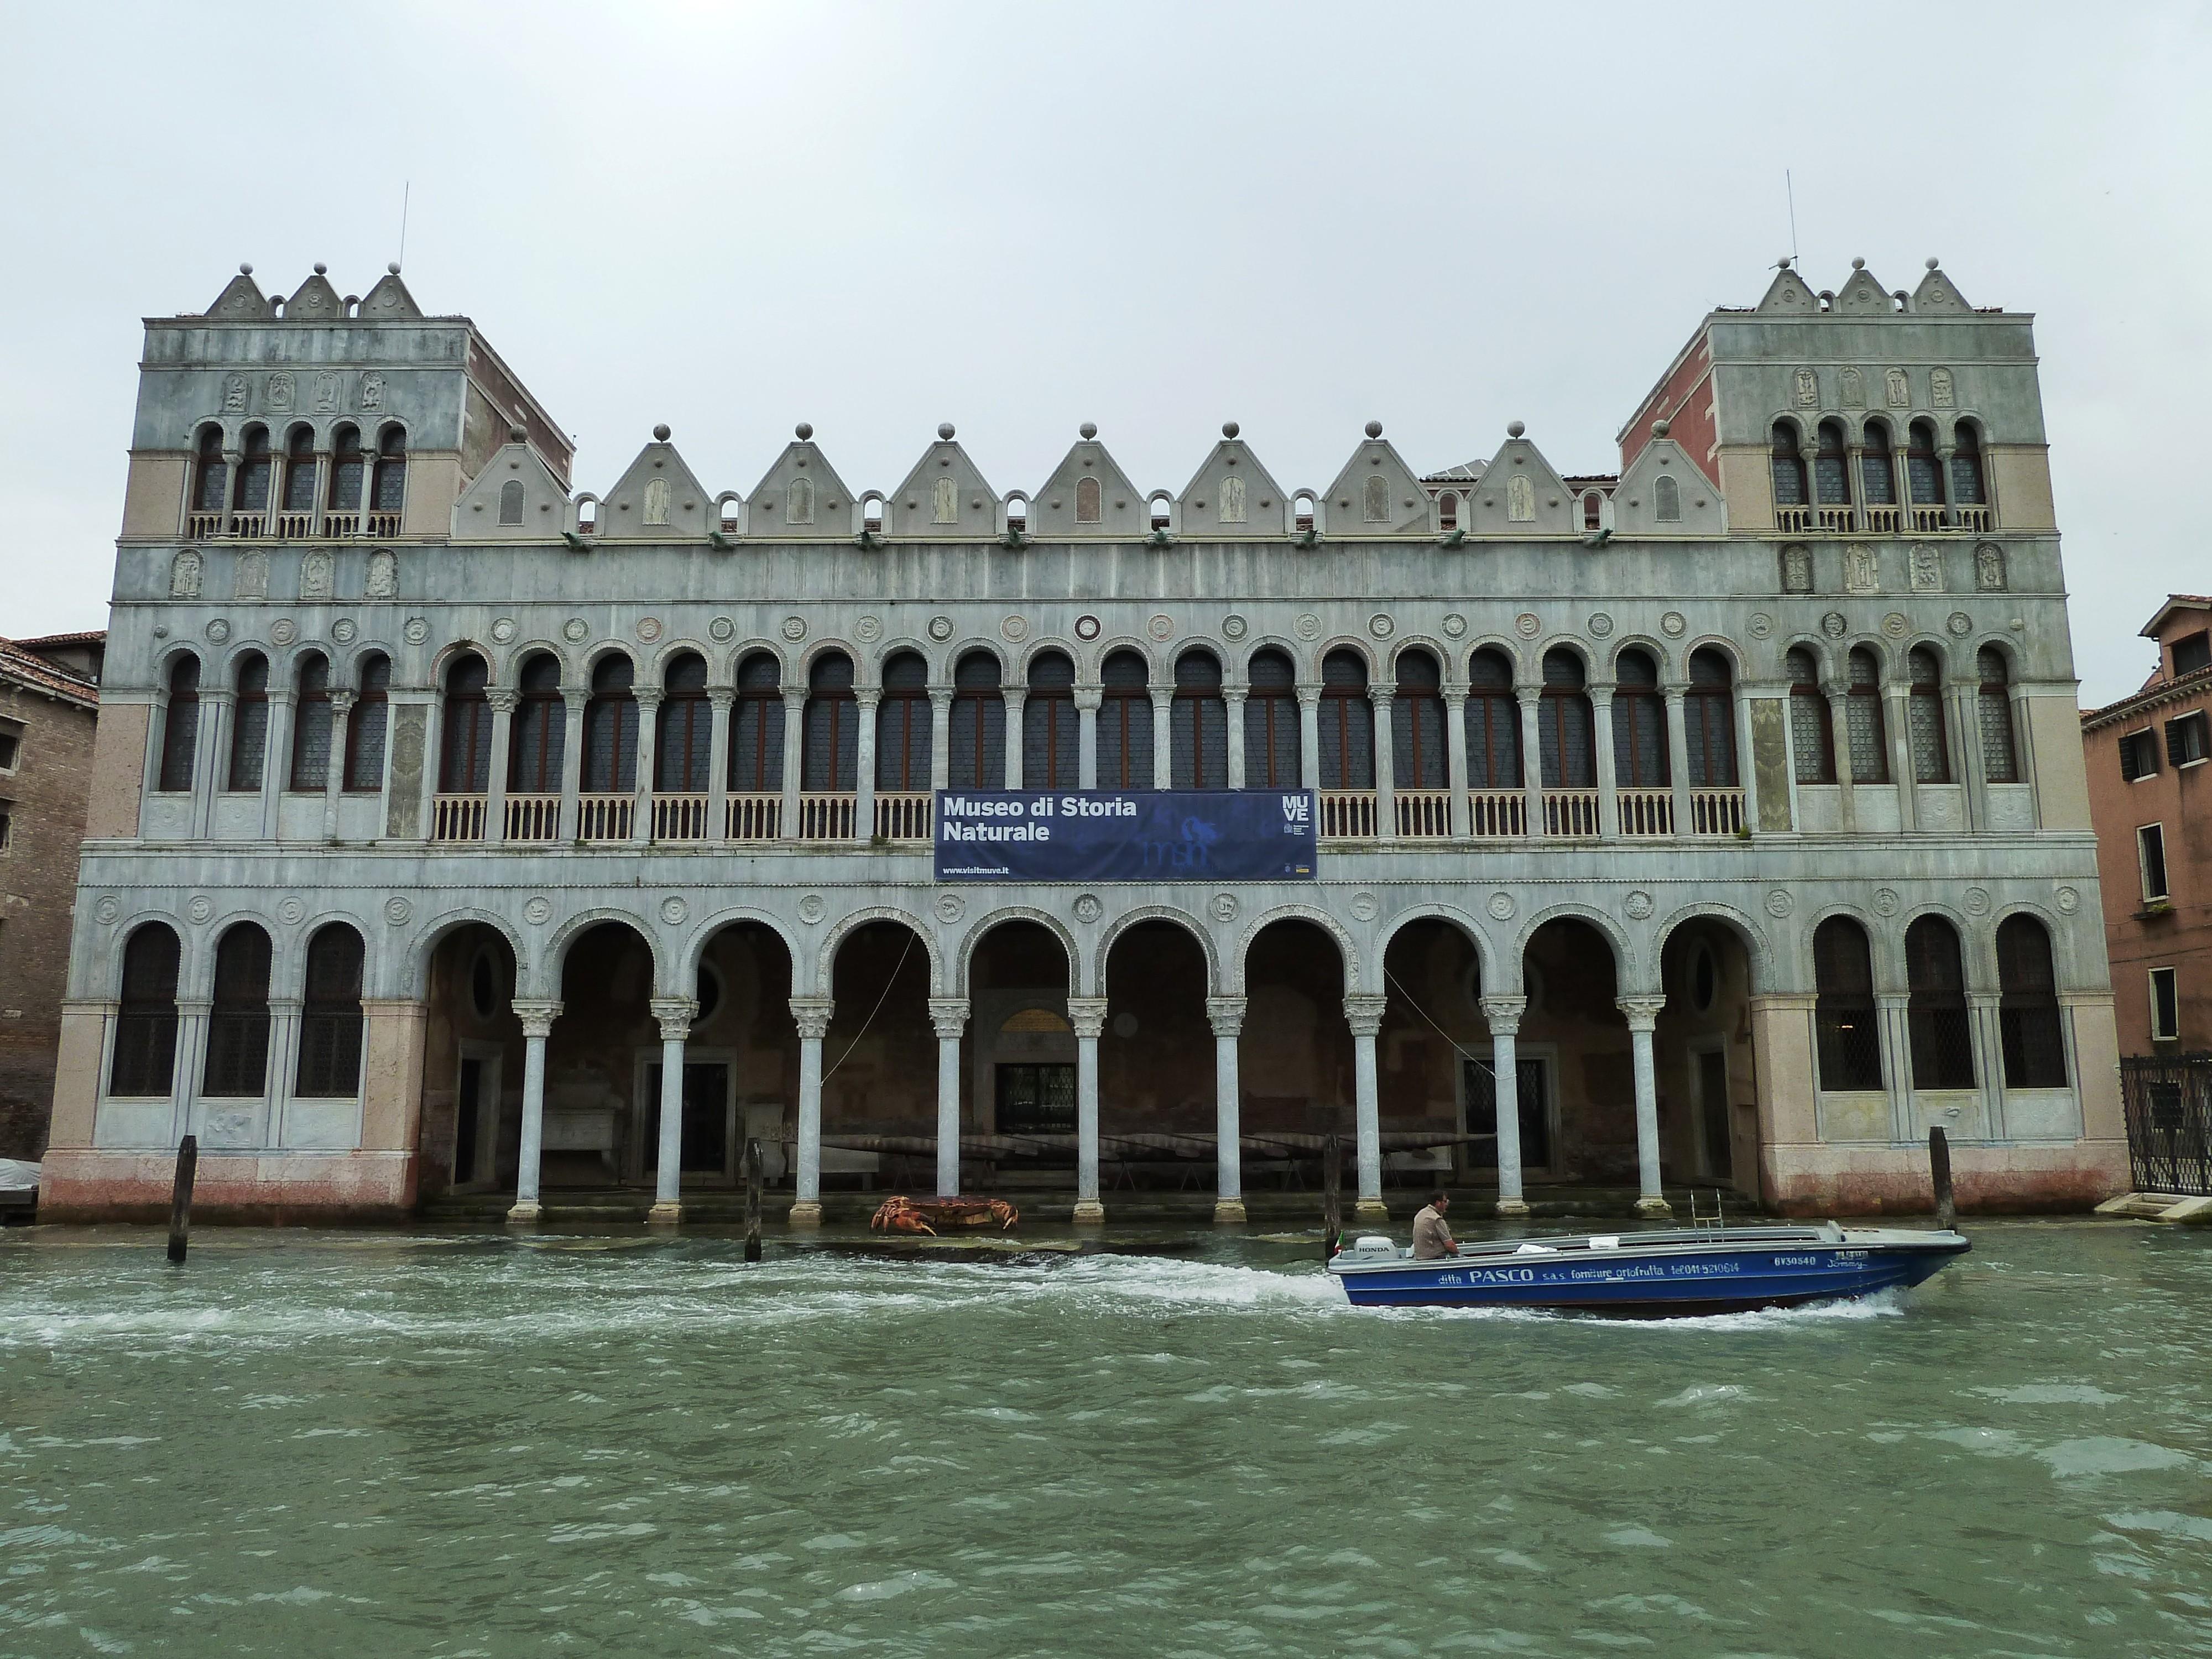 foto del Museo Storia di Naturale Venezia